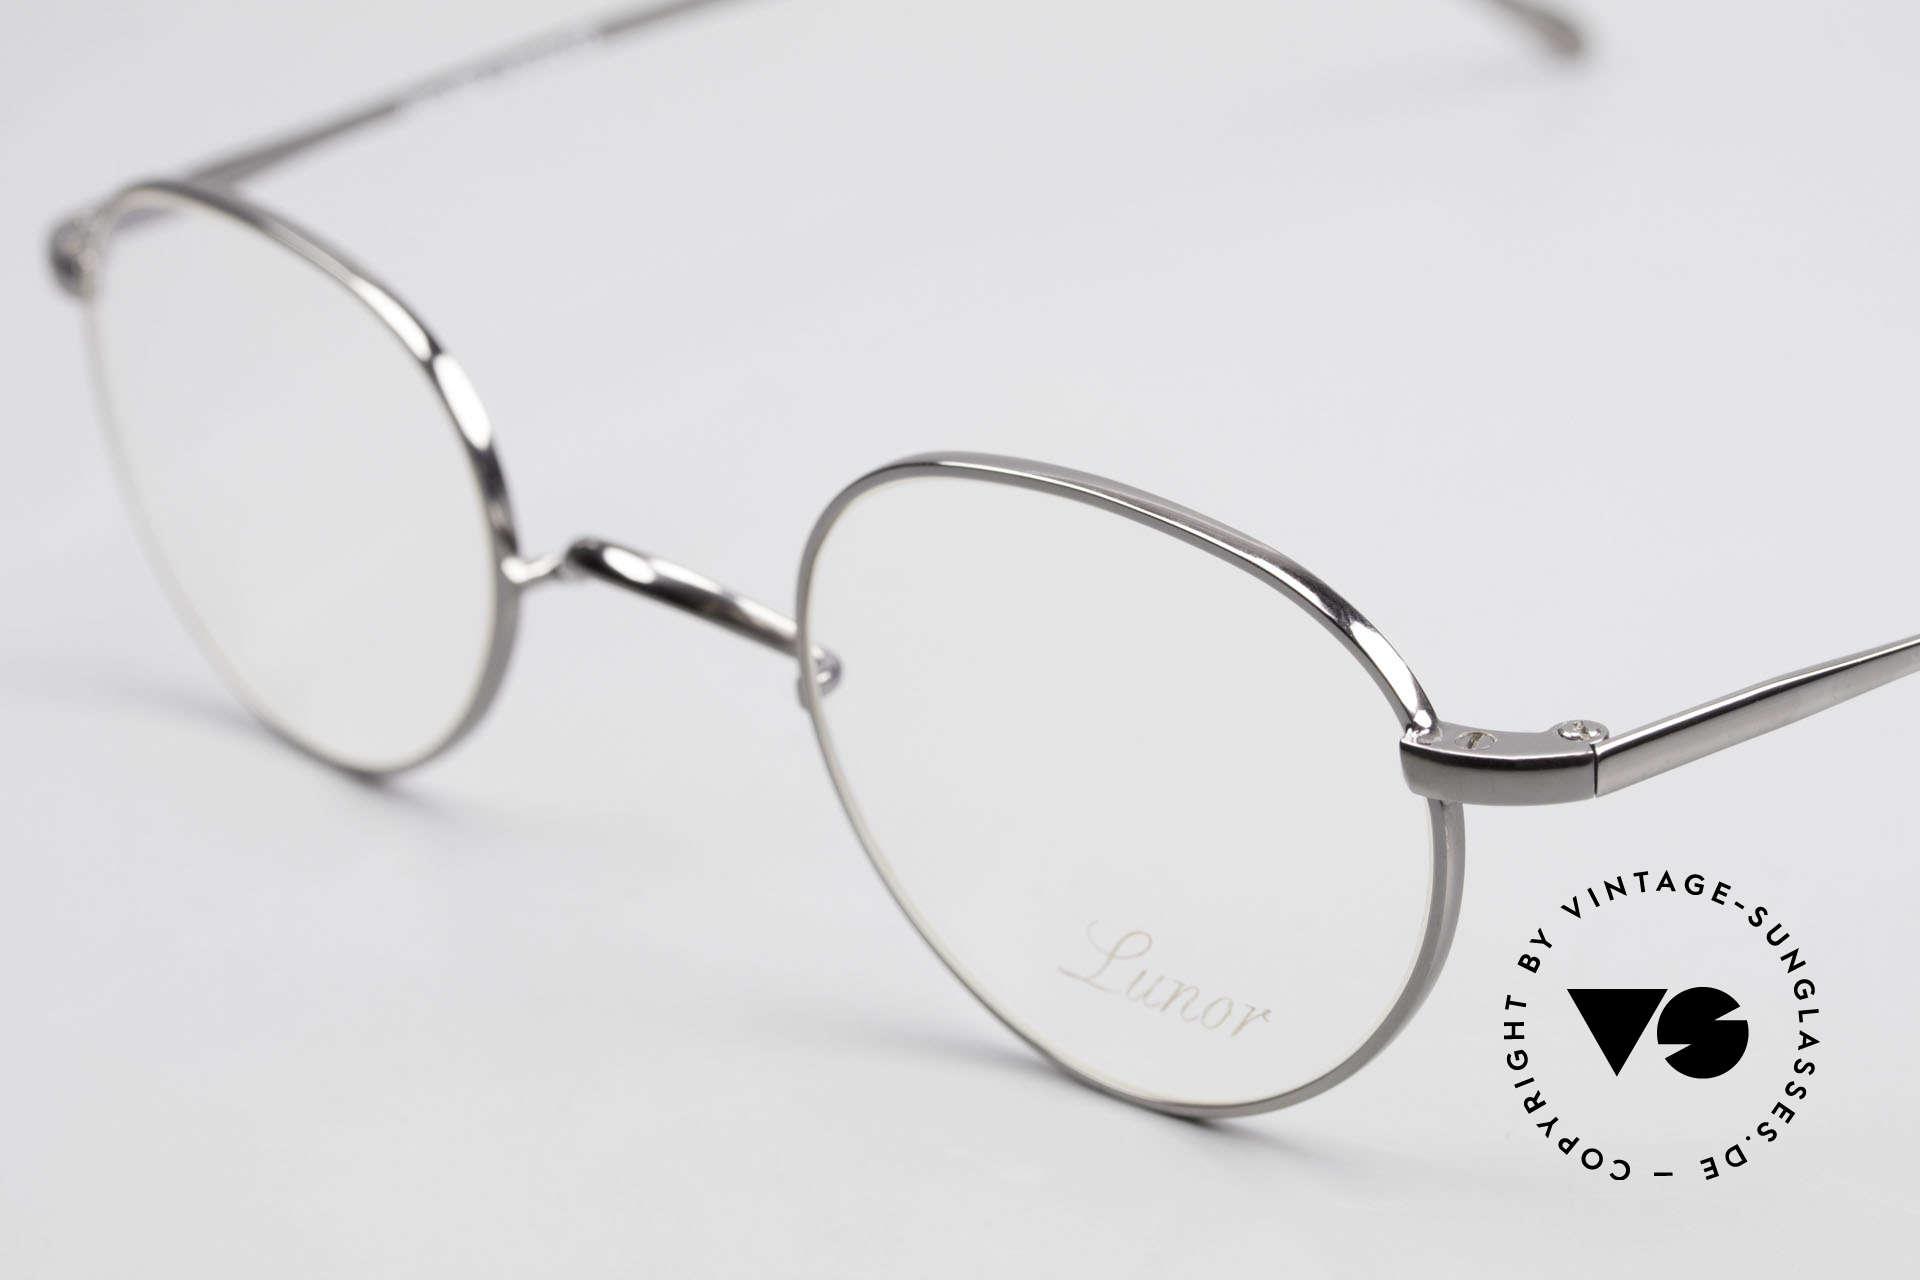 Lunor Club 501 GM Metal Glasses Anatomic Bridge, this is mod. Club 501 GM (gunmetal) with anatomic bridge, Made for Men and Women